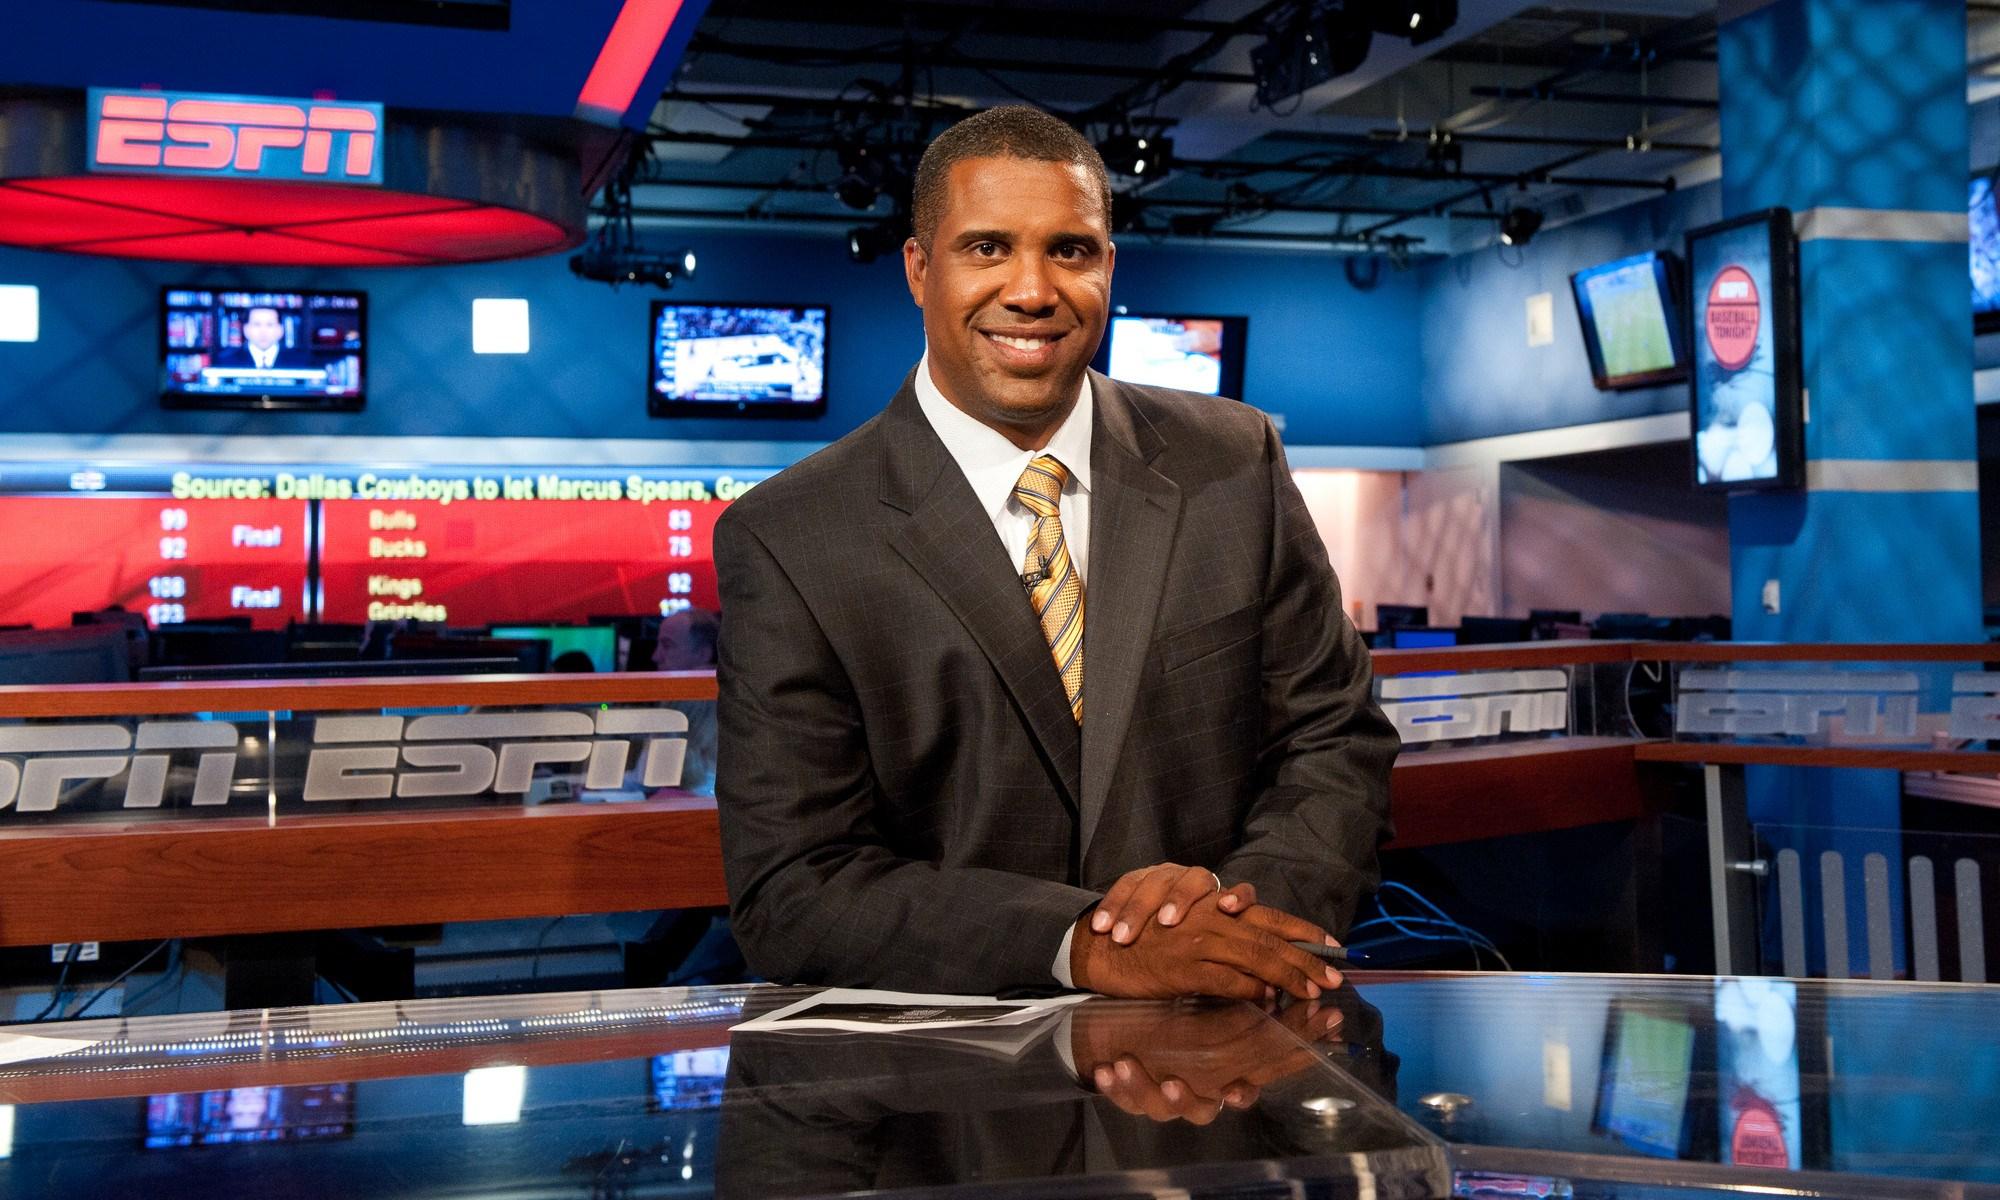 Eduardo Perez Returns To Espn As Baseball Tonight Analyst